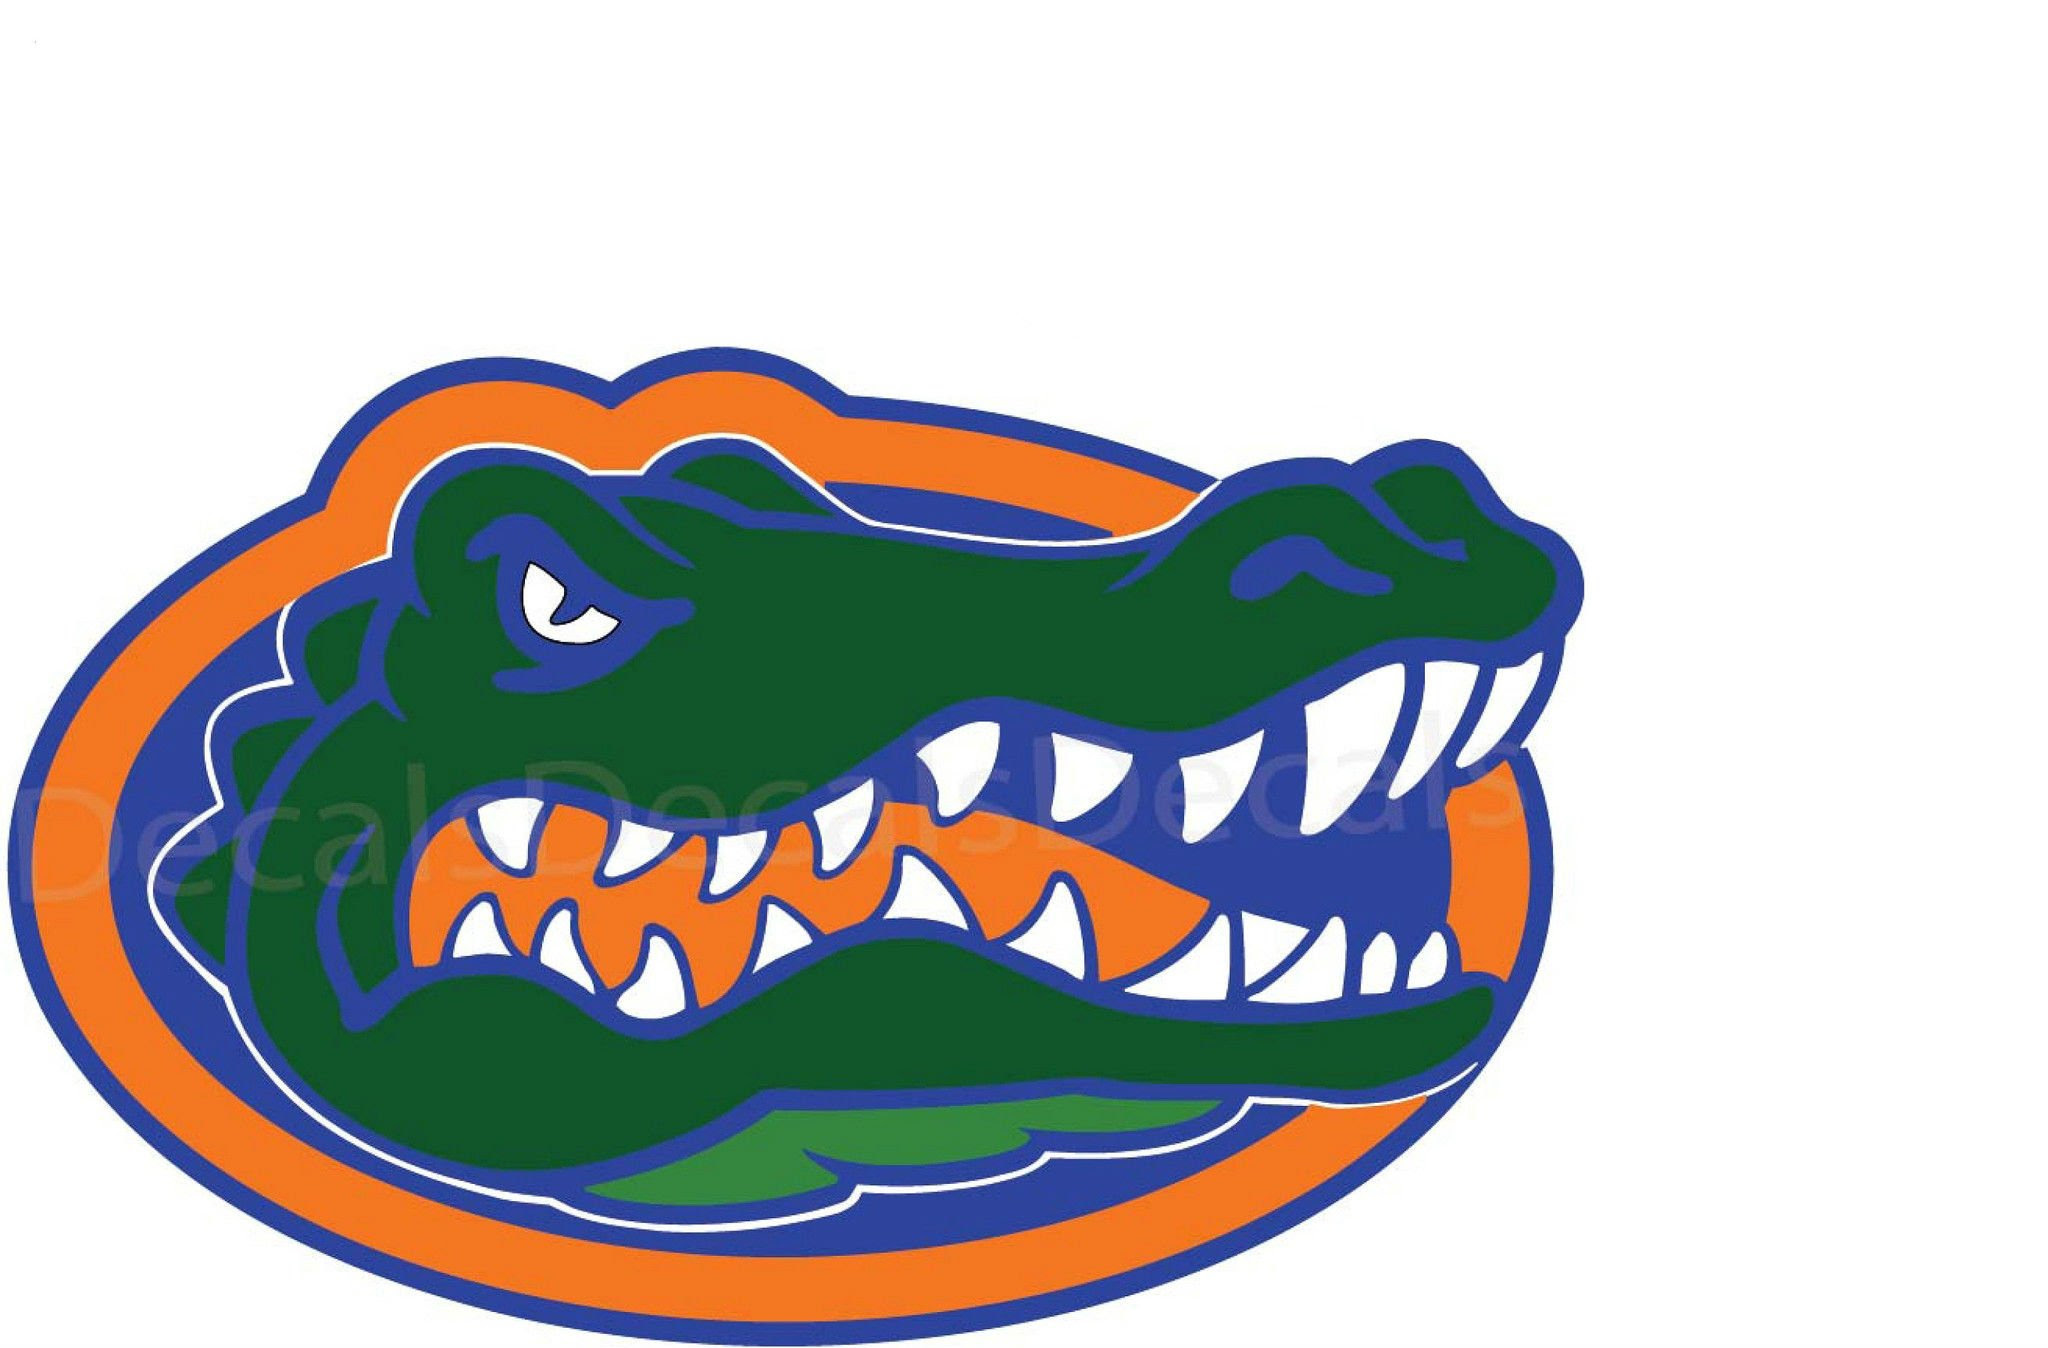 Florida Gators Wallpaper HD | PixelsTalk.Net